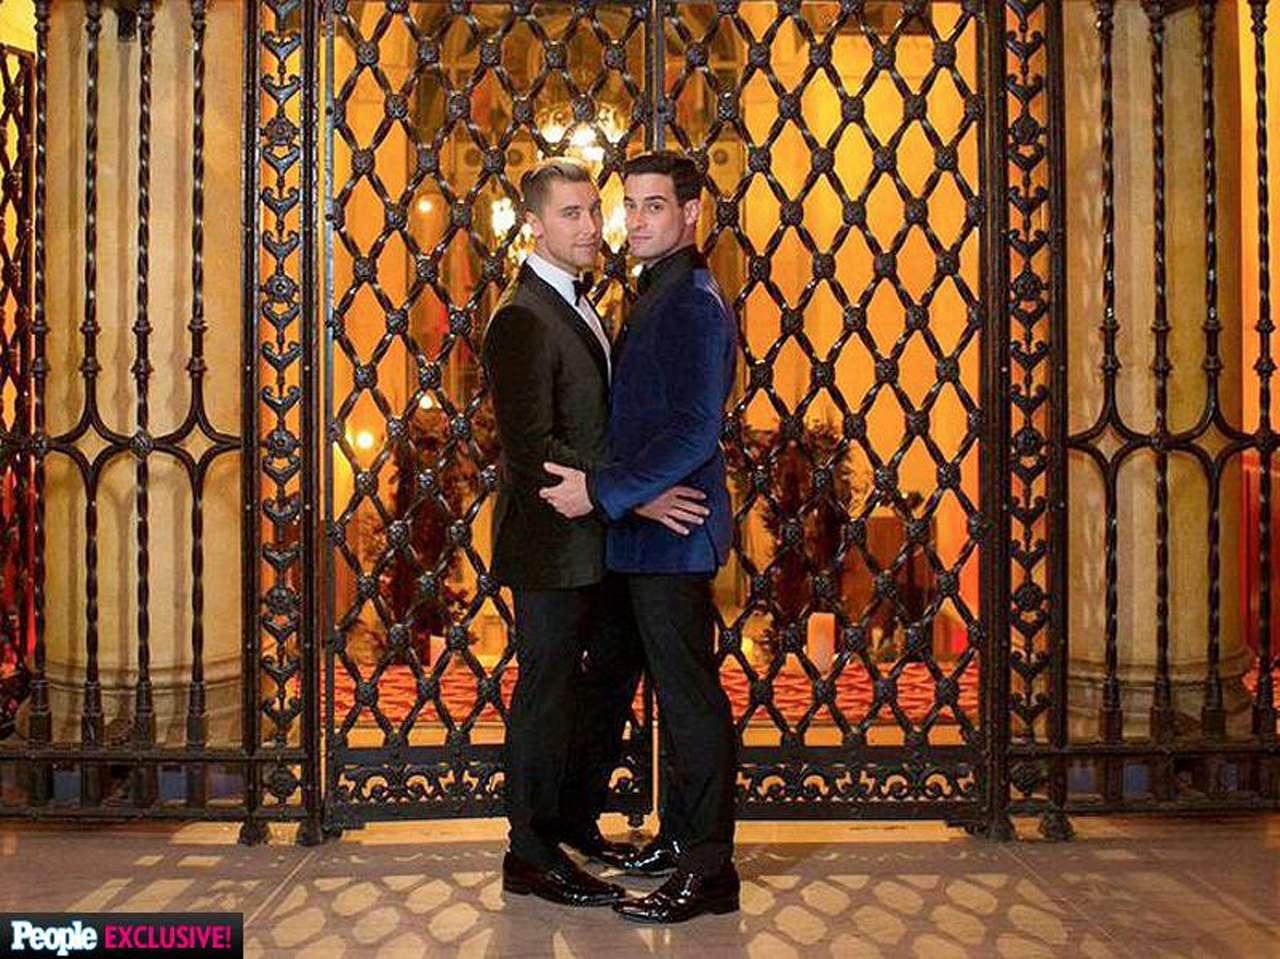 Lance Bass y Michael Turchin se comprometieron en matrimonio en 2013. Foto: Facebook / Lance Bass